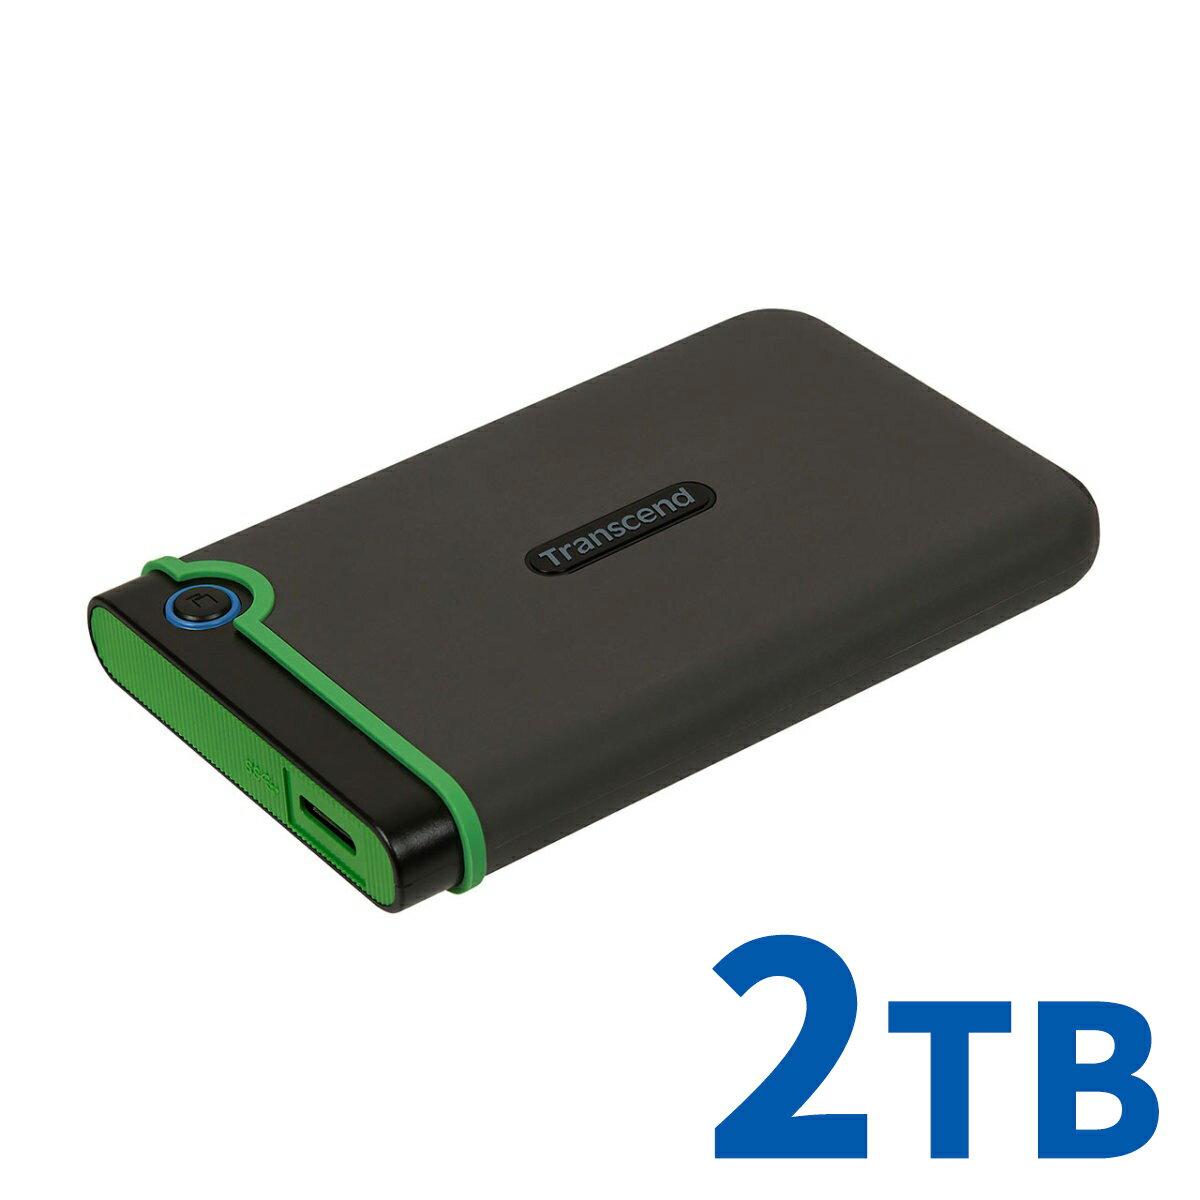 【今だけおまけ付!】Transcend ポータブルHDD 2TB USB3.1 2.5インチ スリムポータブルHDD 耐衝撃 3年保証 ハードディスク 外付けHDD ポータブルハードディスク[TS2TSJ25M3S]【送料無料】